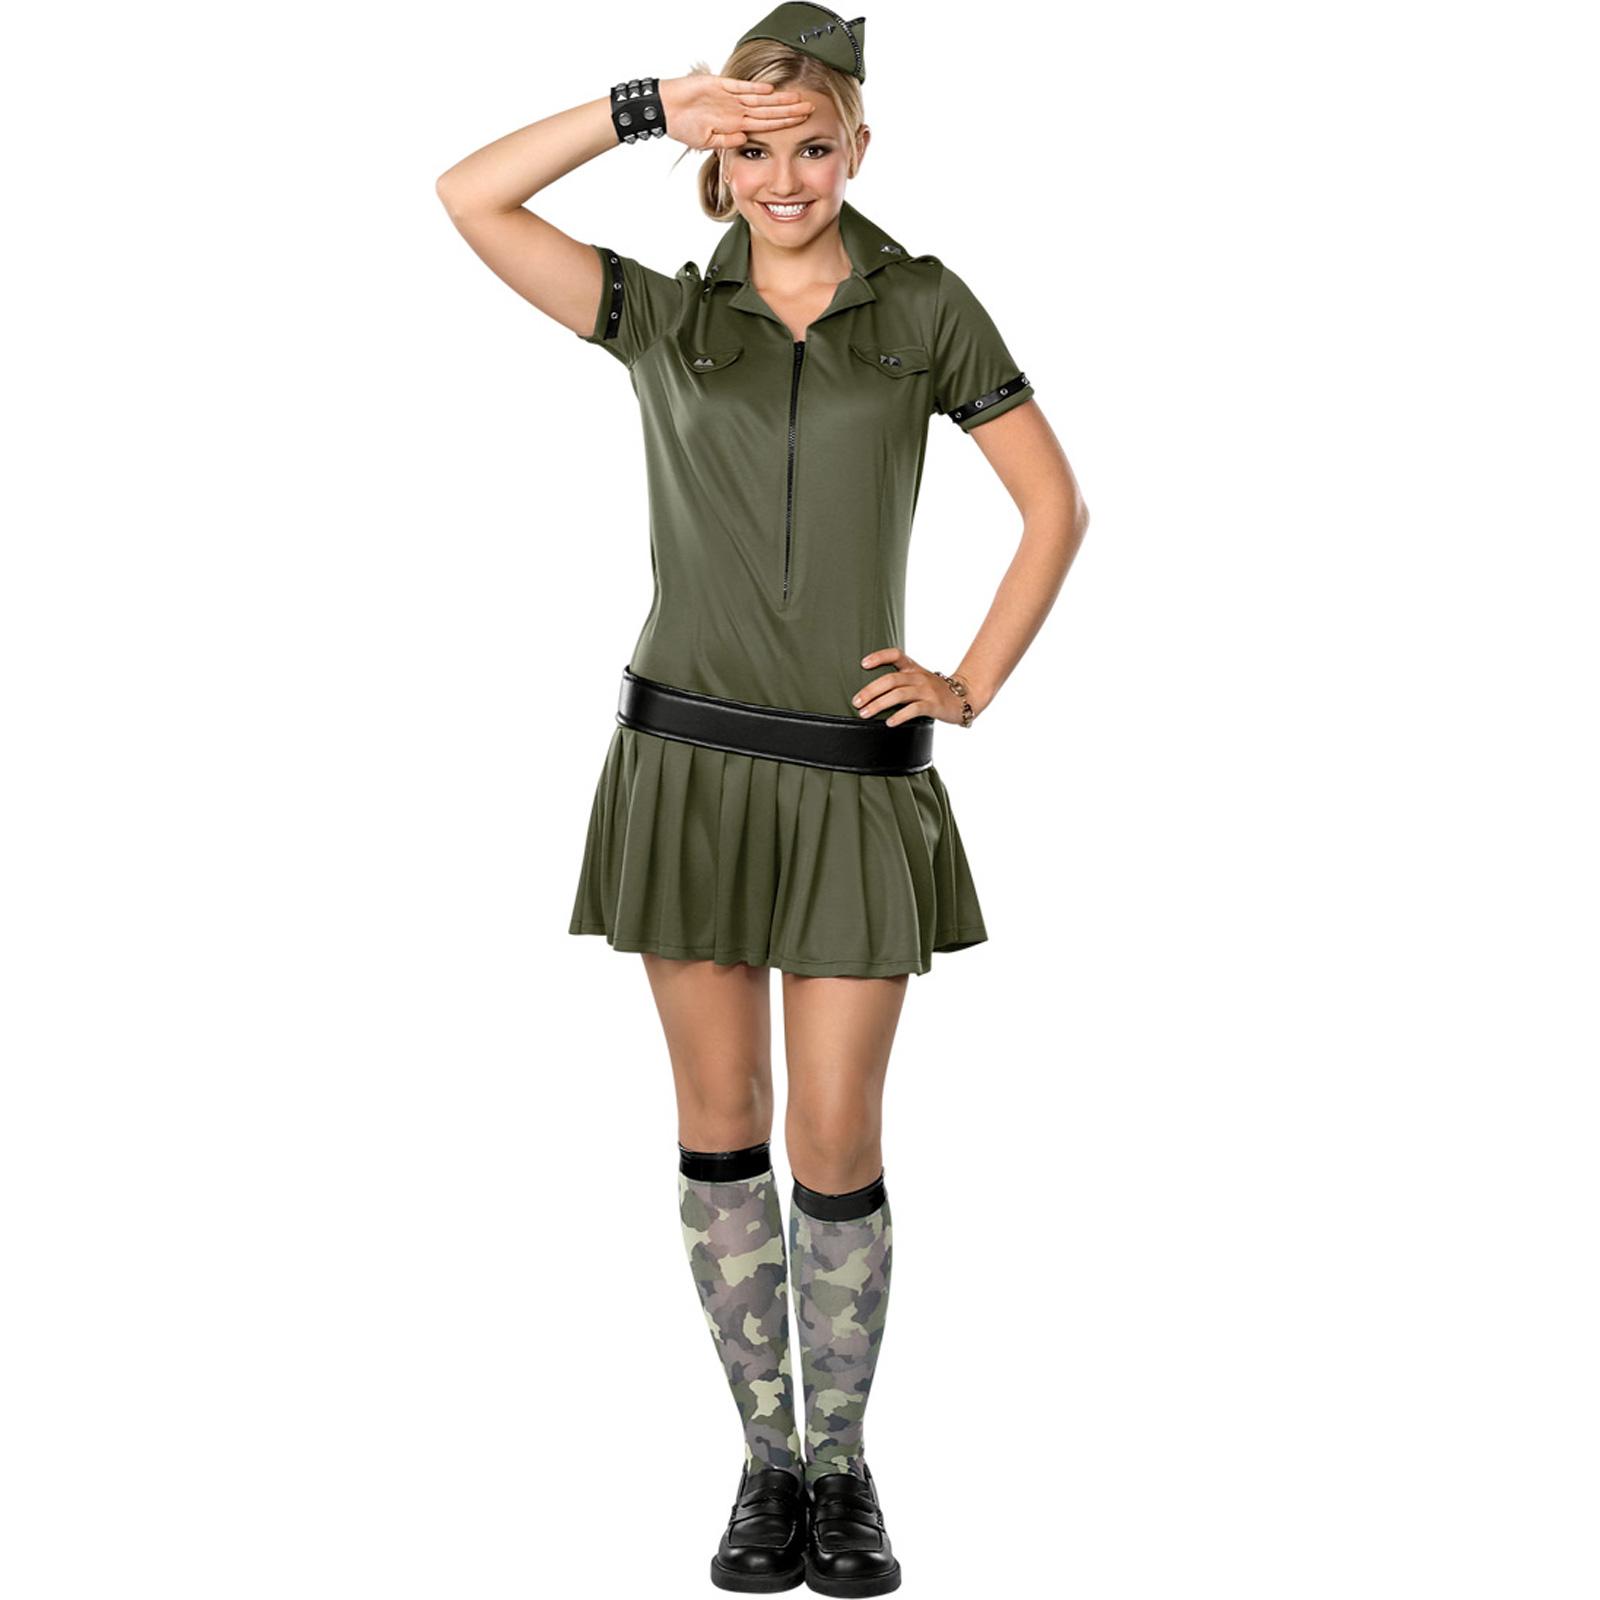 http://images.buycostumes.com/mgen/merchandiser/21109.jpg